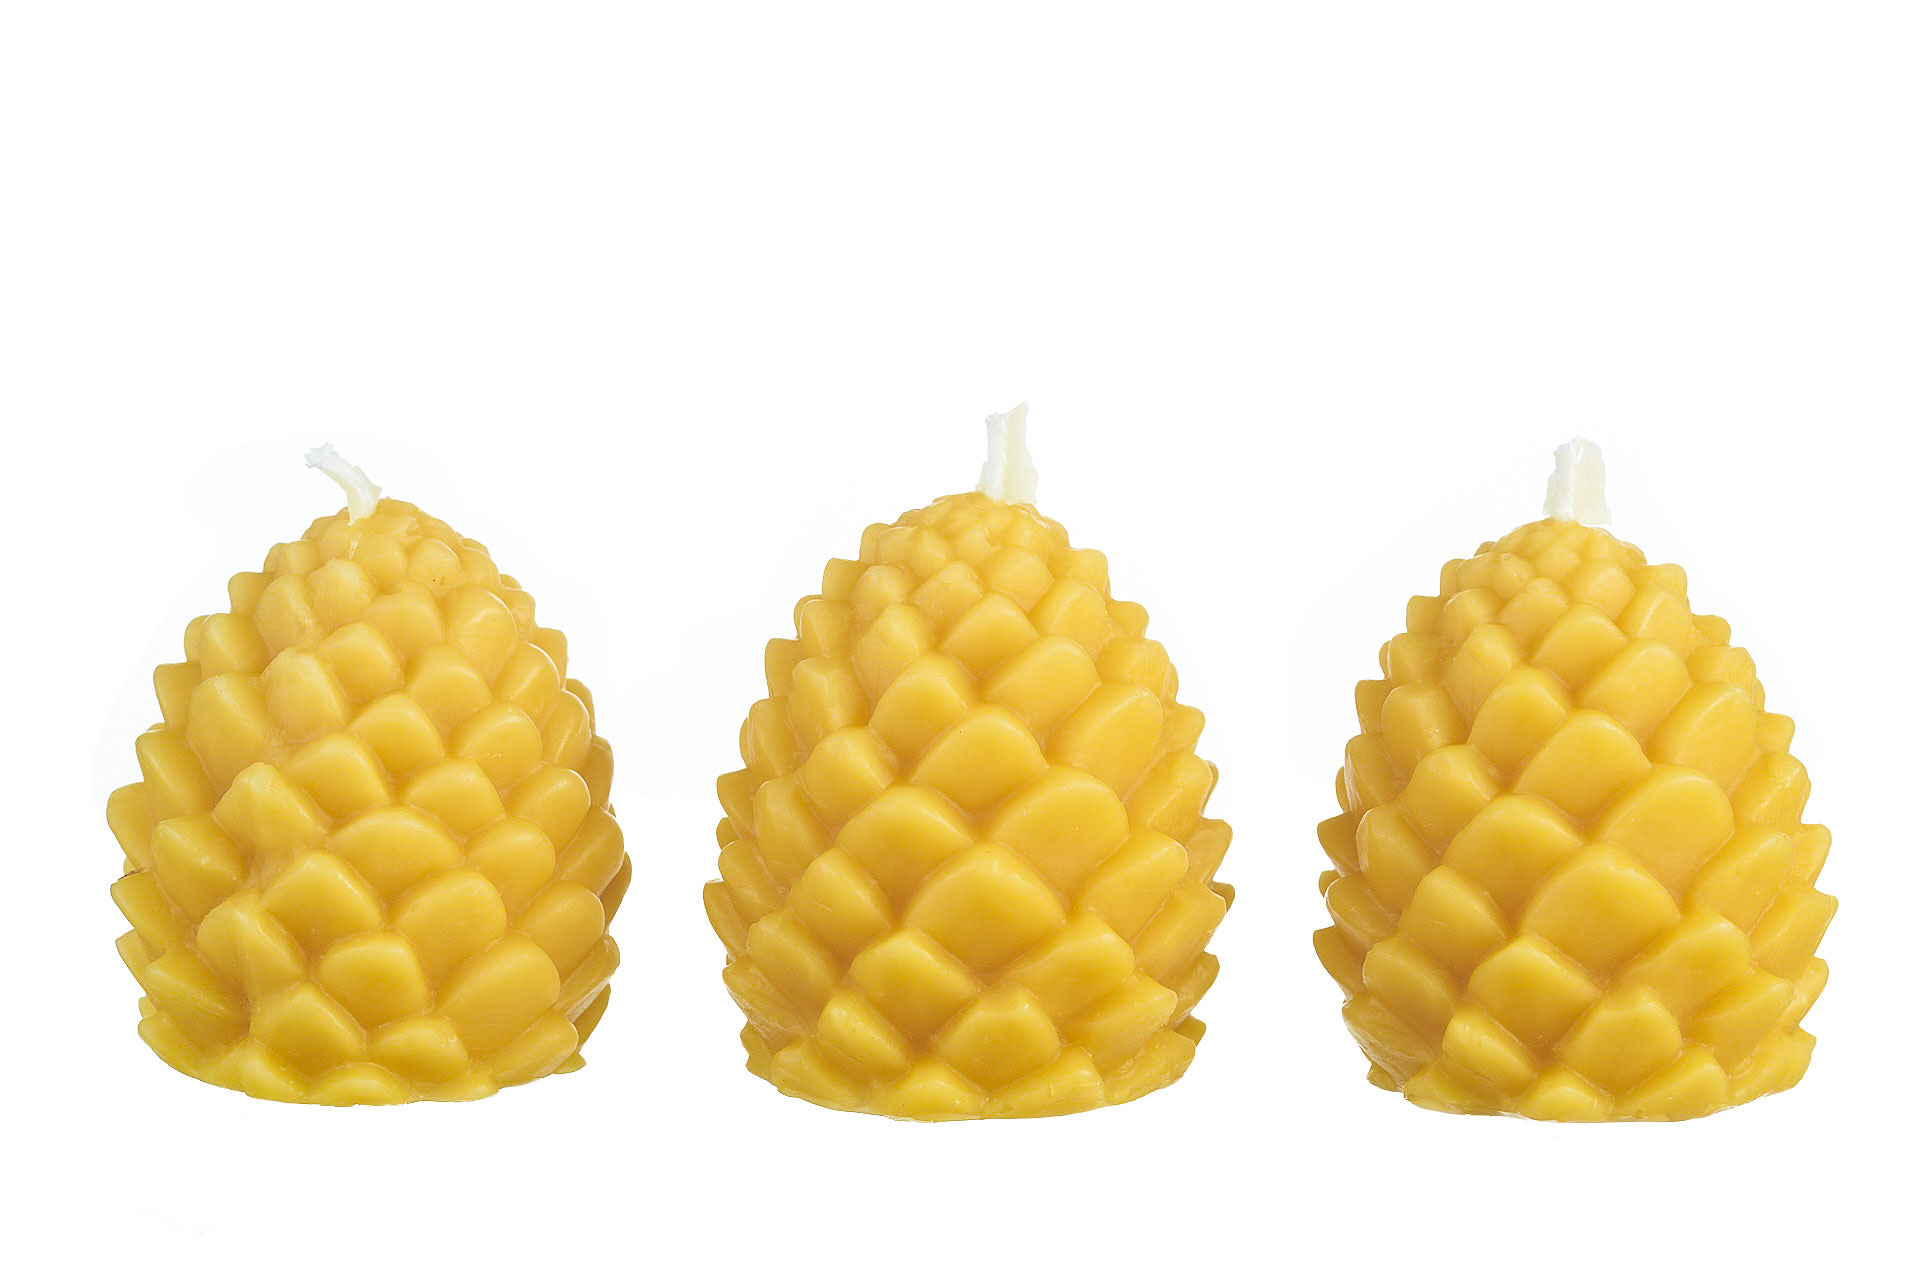 3x Zapfen dick (Höhe ca. 7cm) aus 100% Bienenwachs vom Imker